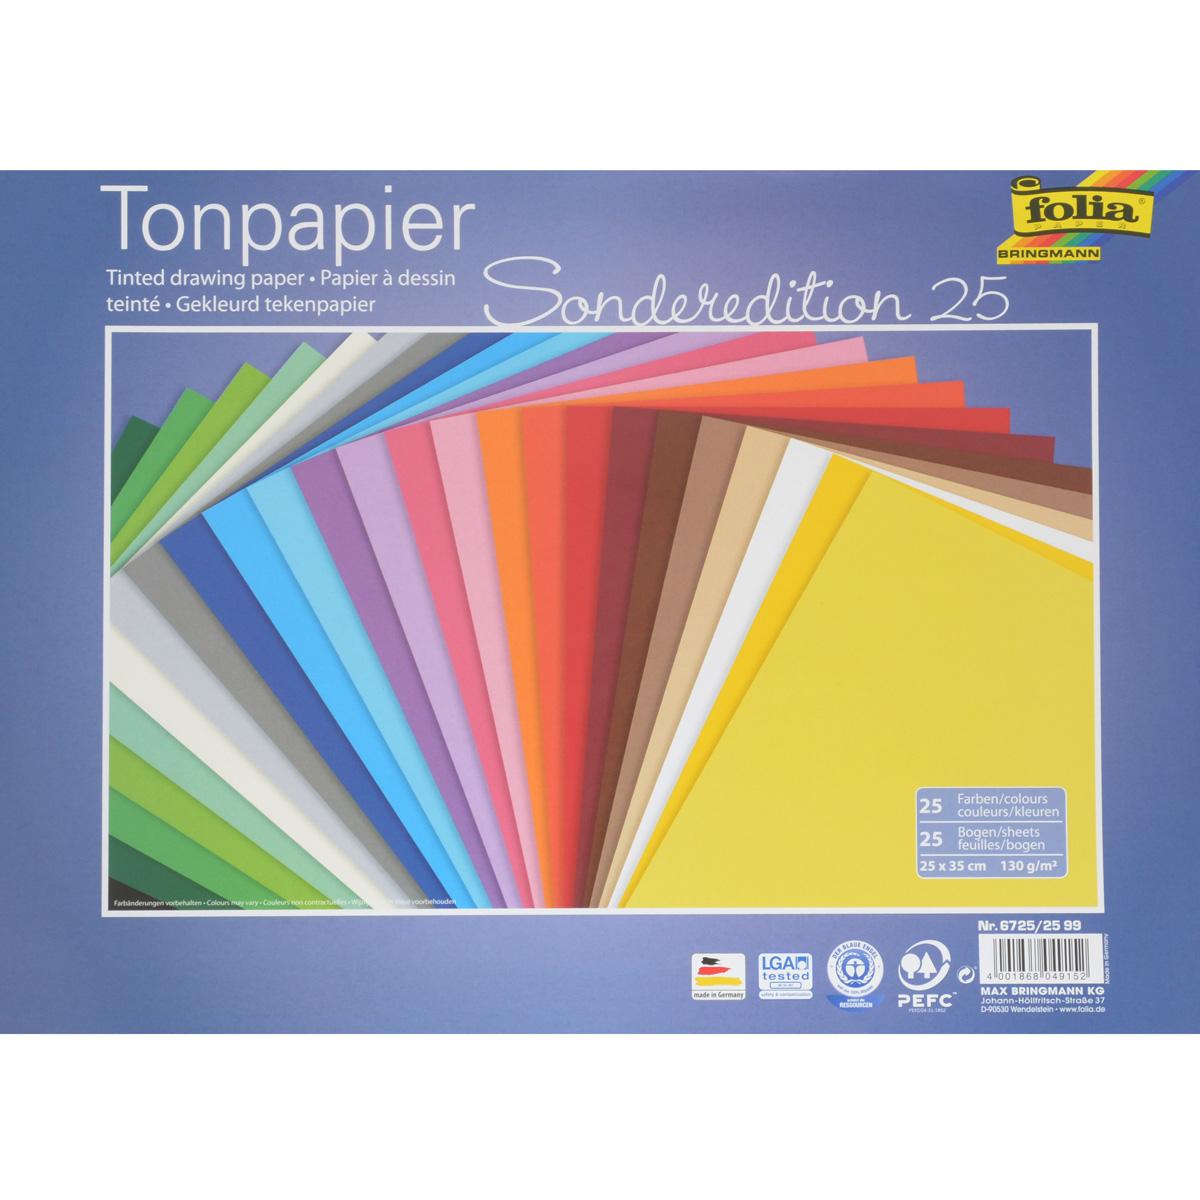 Бумага цветная Folia, 25 см х 35 см, 25 листов7708059Набор двусторонней цветной бумаги Folia прекрасно подходит для изготовления эксклюзивных подарков, открыток и многого другого. Детали, вырезанные из такой бумаги, прекрасно украсят открытки, аппликации и другие всевозможные поделки. В набор входит 25 листов бумаги разных цветов. Работа с набором развивает мелкую моторику, усидчивость и формирует художественный вкус. Плотность бумаги: 130 г/м2. Размер листа: 25 см х 35 см.